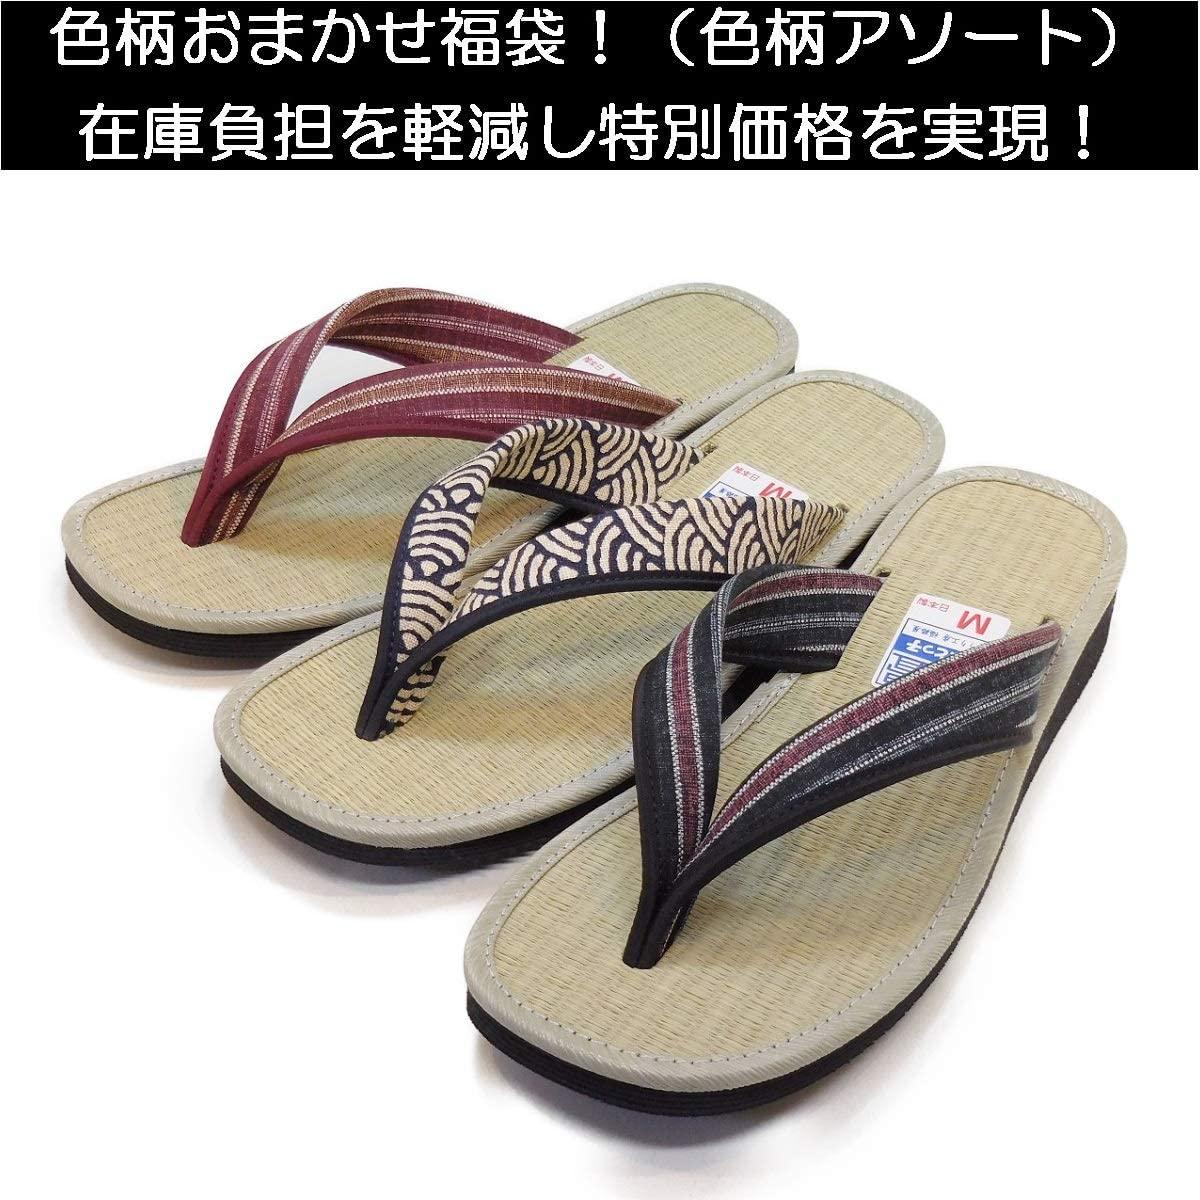 やまとっ子(ヤマトッコ)本畳ぞうり 男性用の商品画像6